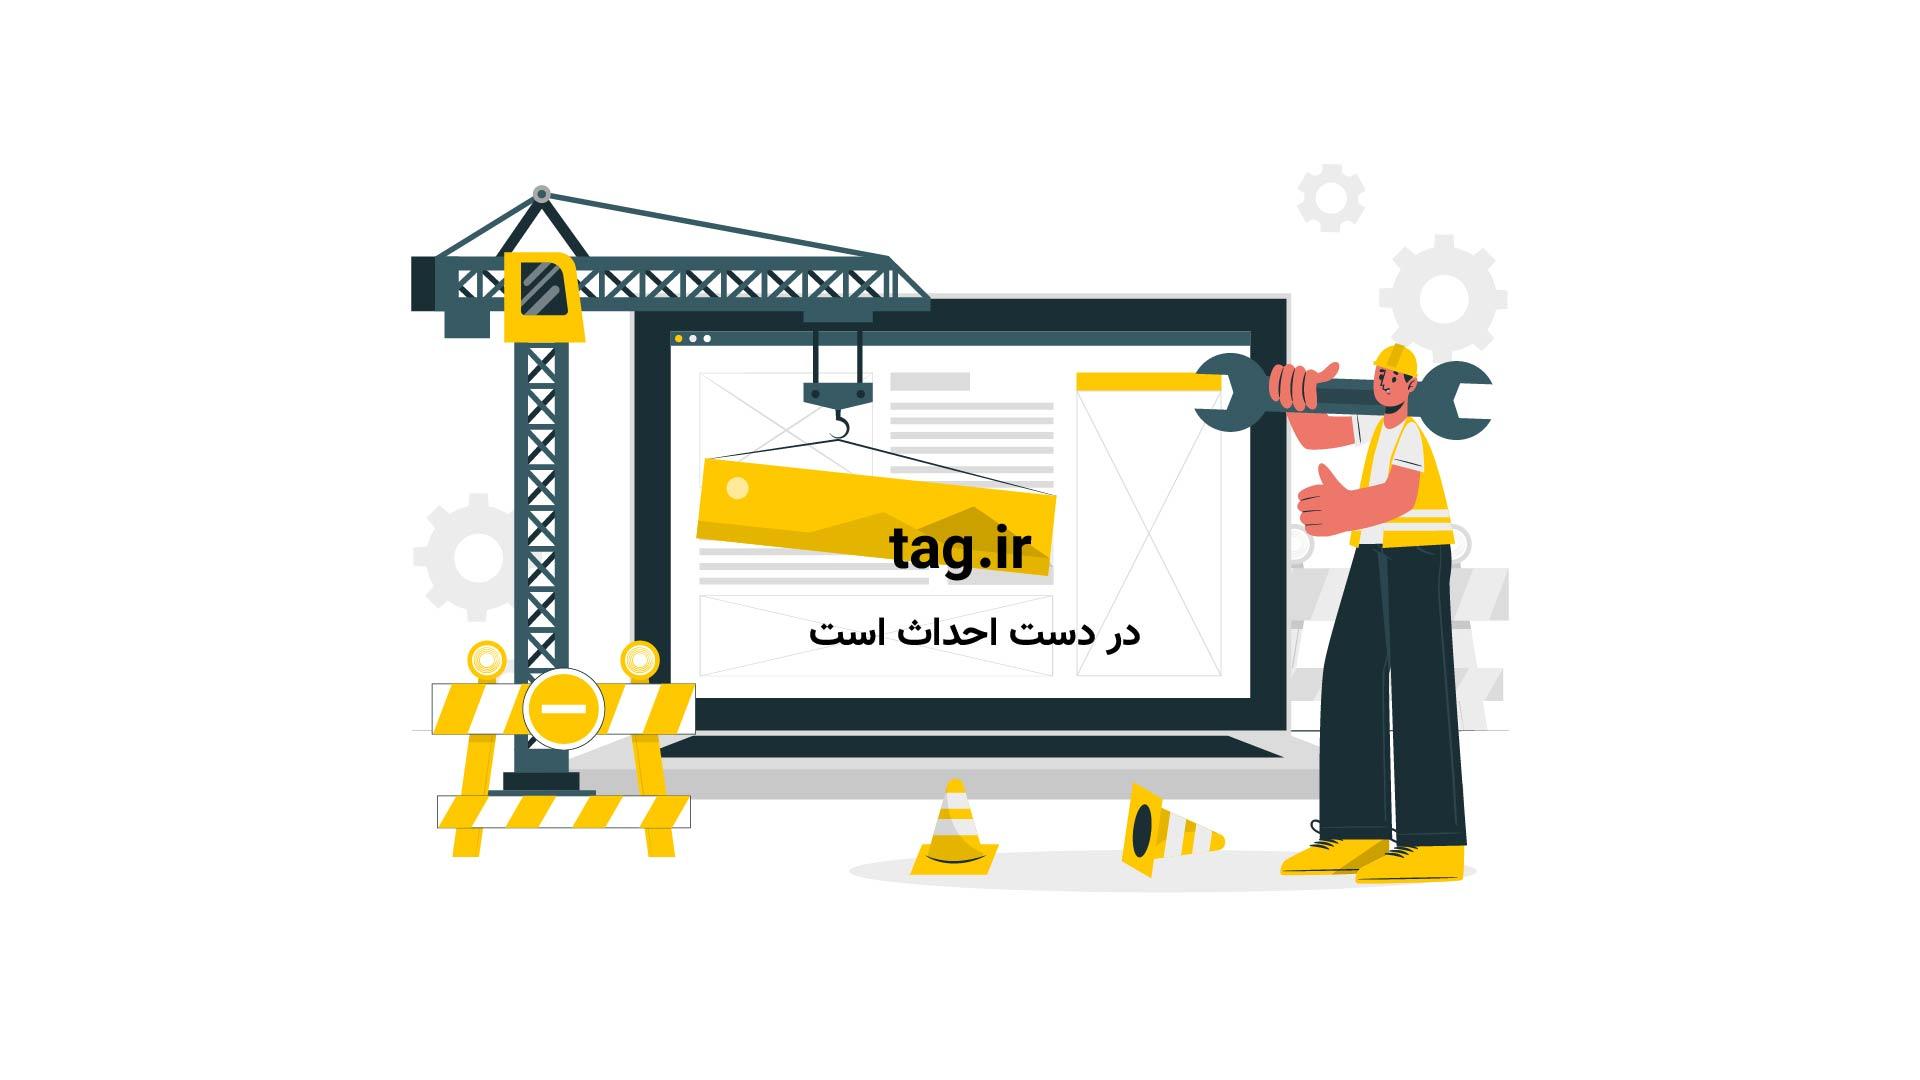 این بار در واقعیت مجازی می توانید به بازی